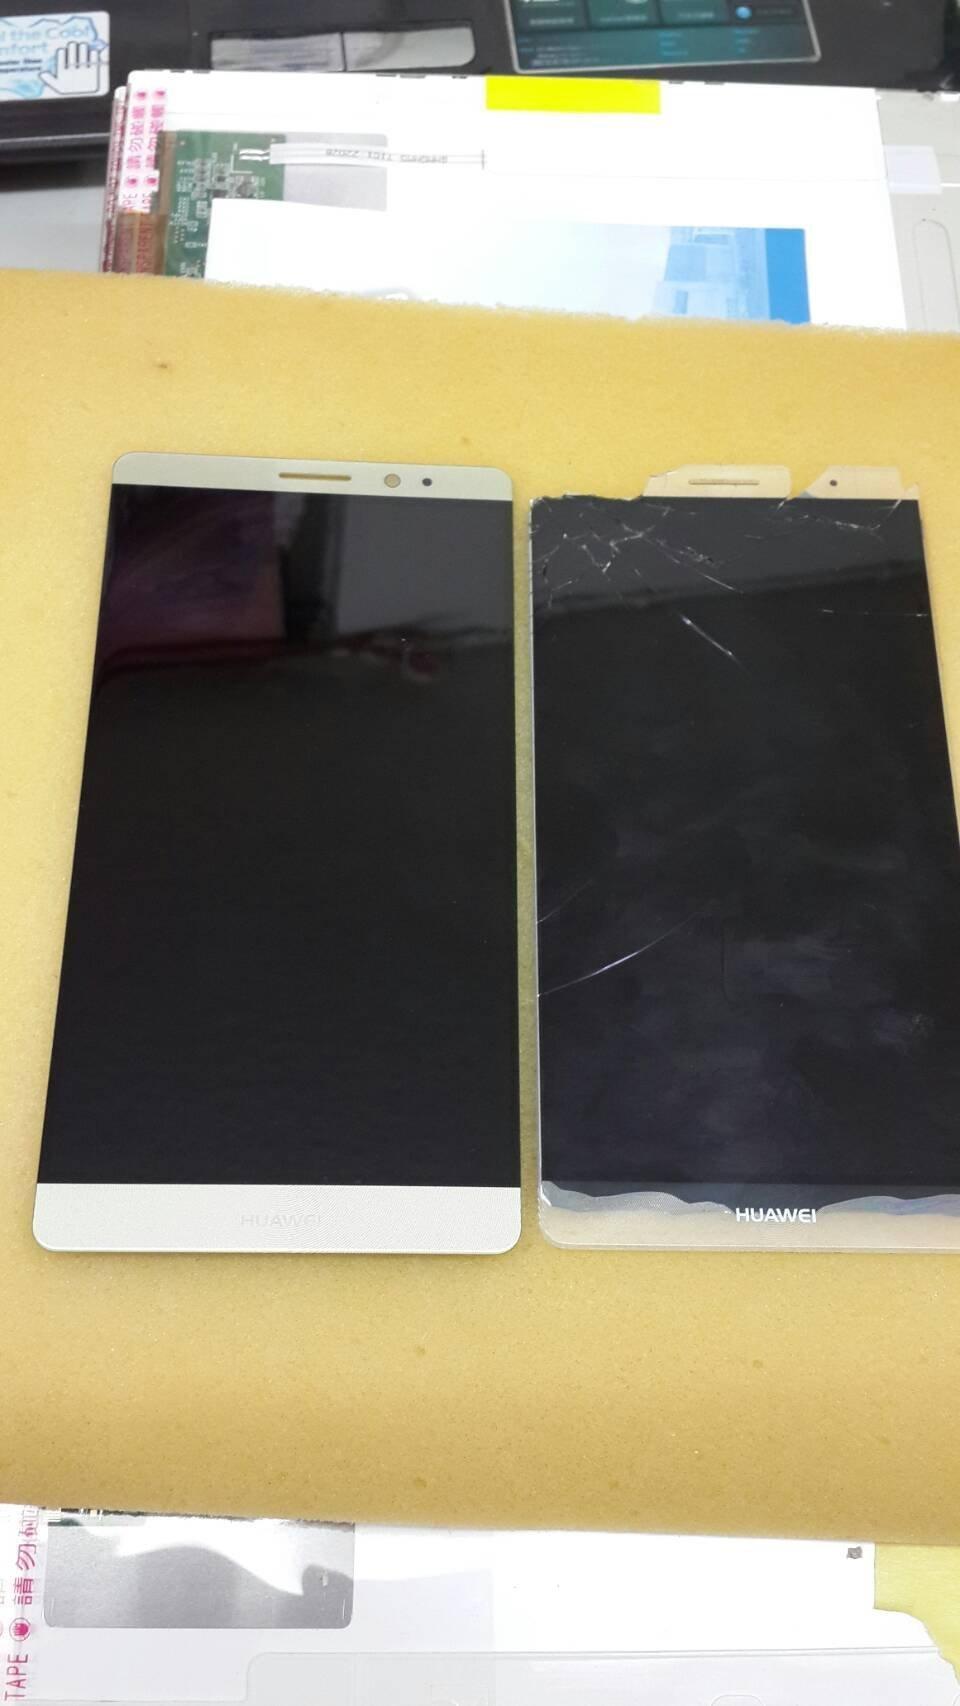 HUAWEI P20 Pro 螢幕總成維修 原廠液晶總成 玻璃 面板 螢幕摔破閃屏漏液 華為P20PRO 螢幕黑屏維修